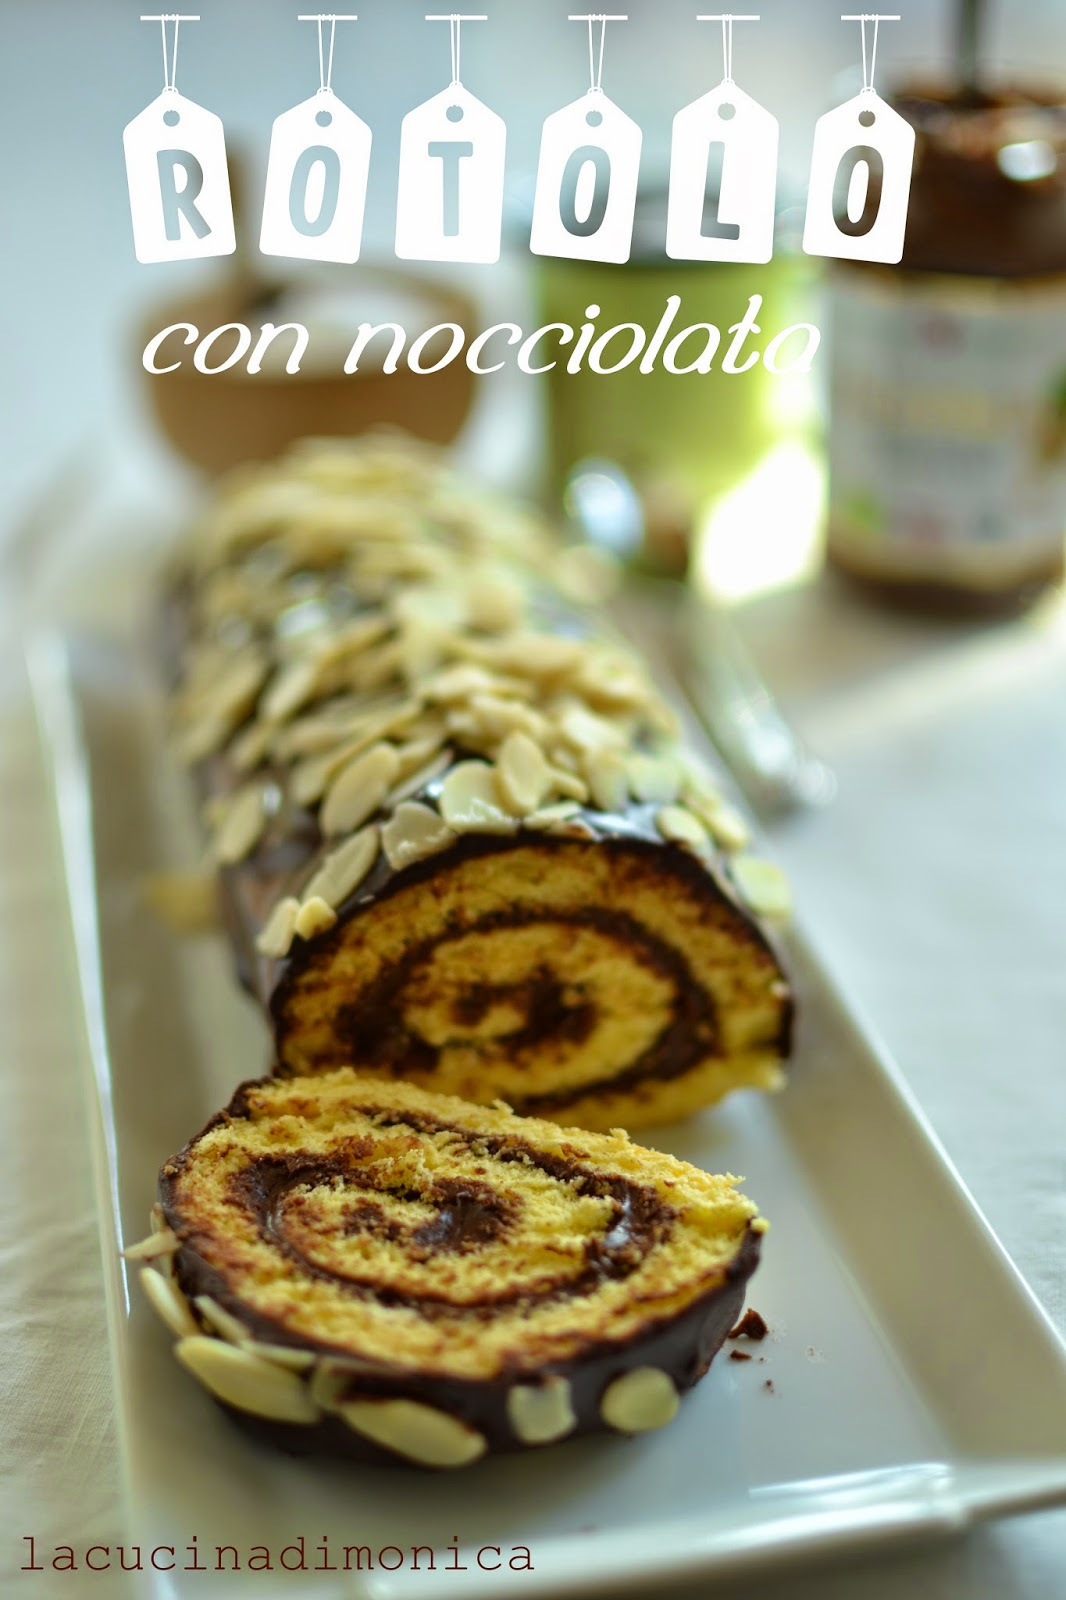 rotolo con nocciolata - pasta biscotto